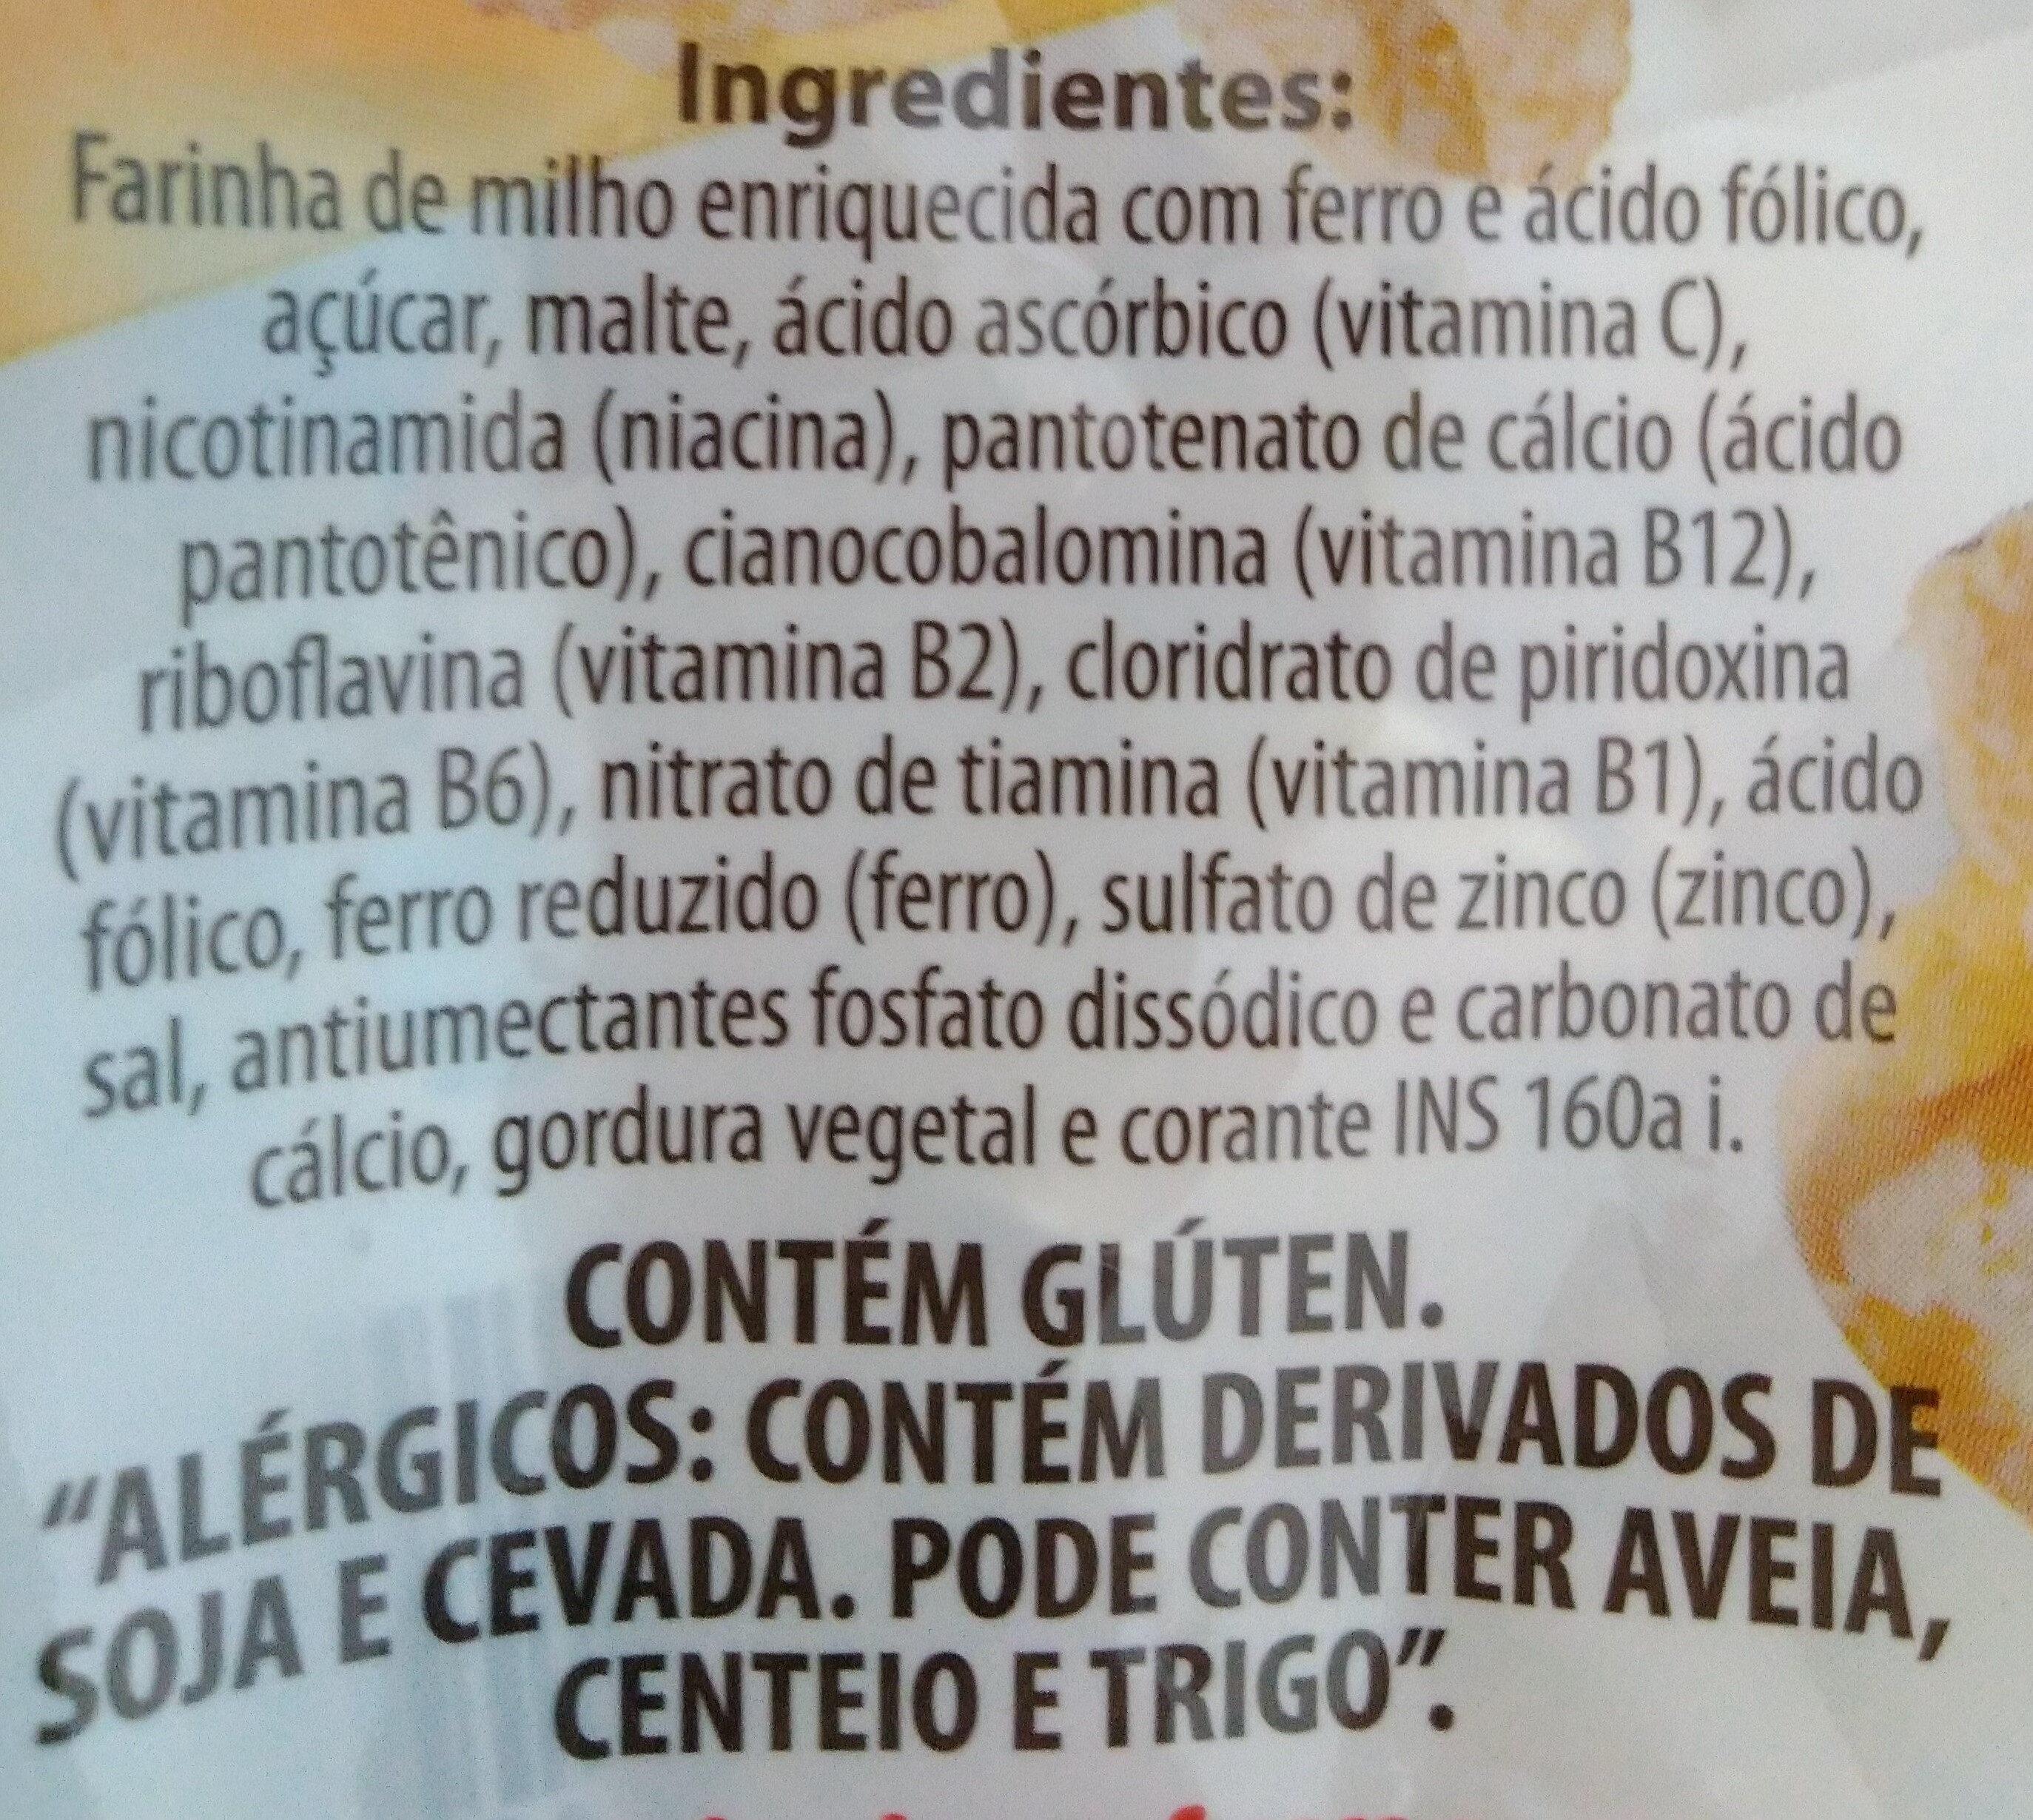 flocão de milho contem gluten